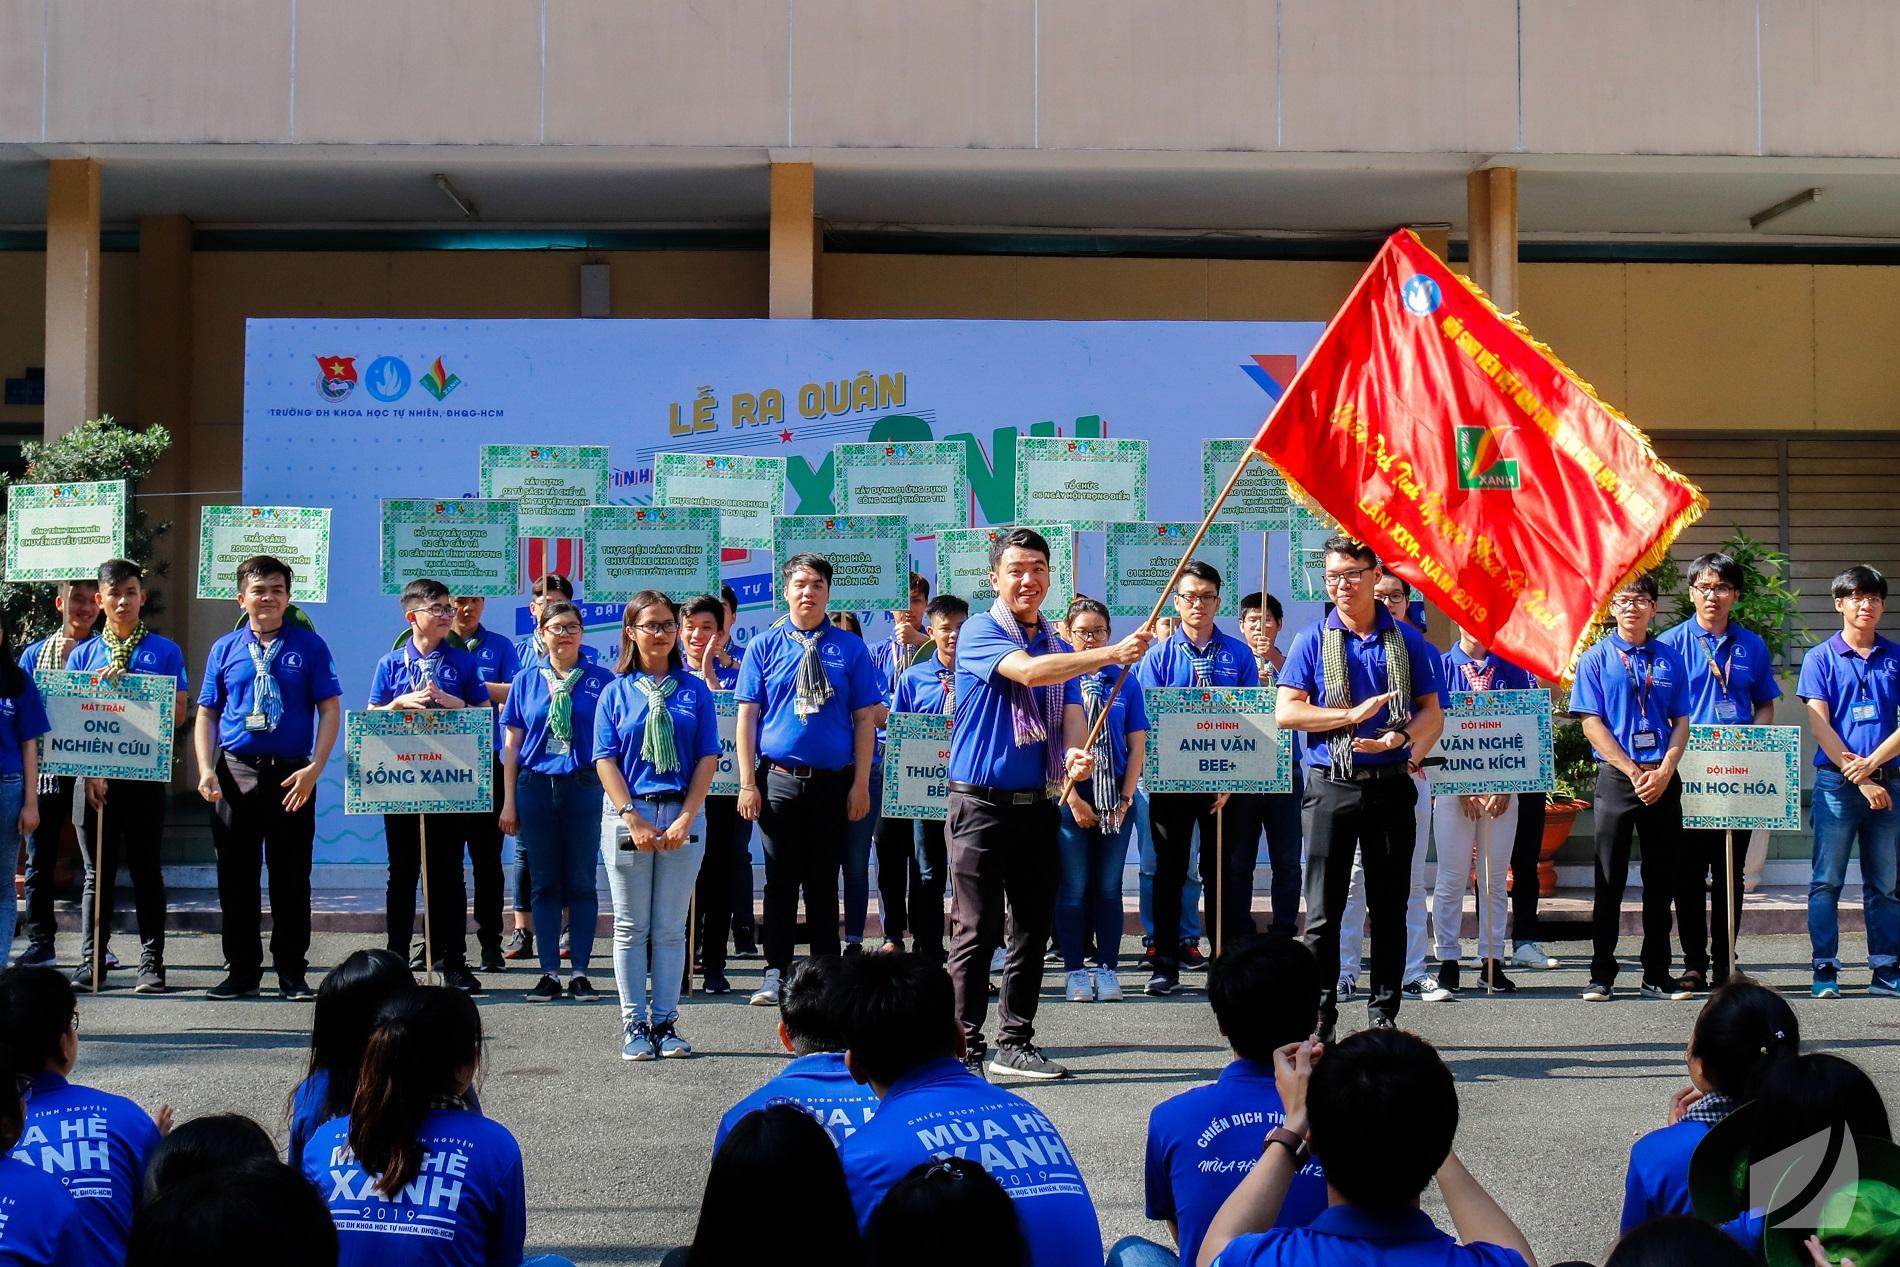 Đồng chí Huỳnh Tuấn Khương -  chỉ huy trưởng CDTN Mùa hè xanh 2019 - phất cờ lệnh xuất quân.